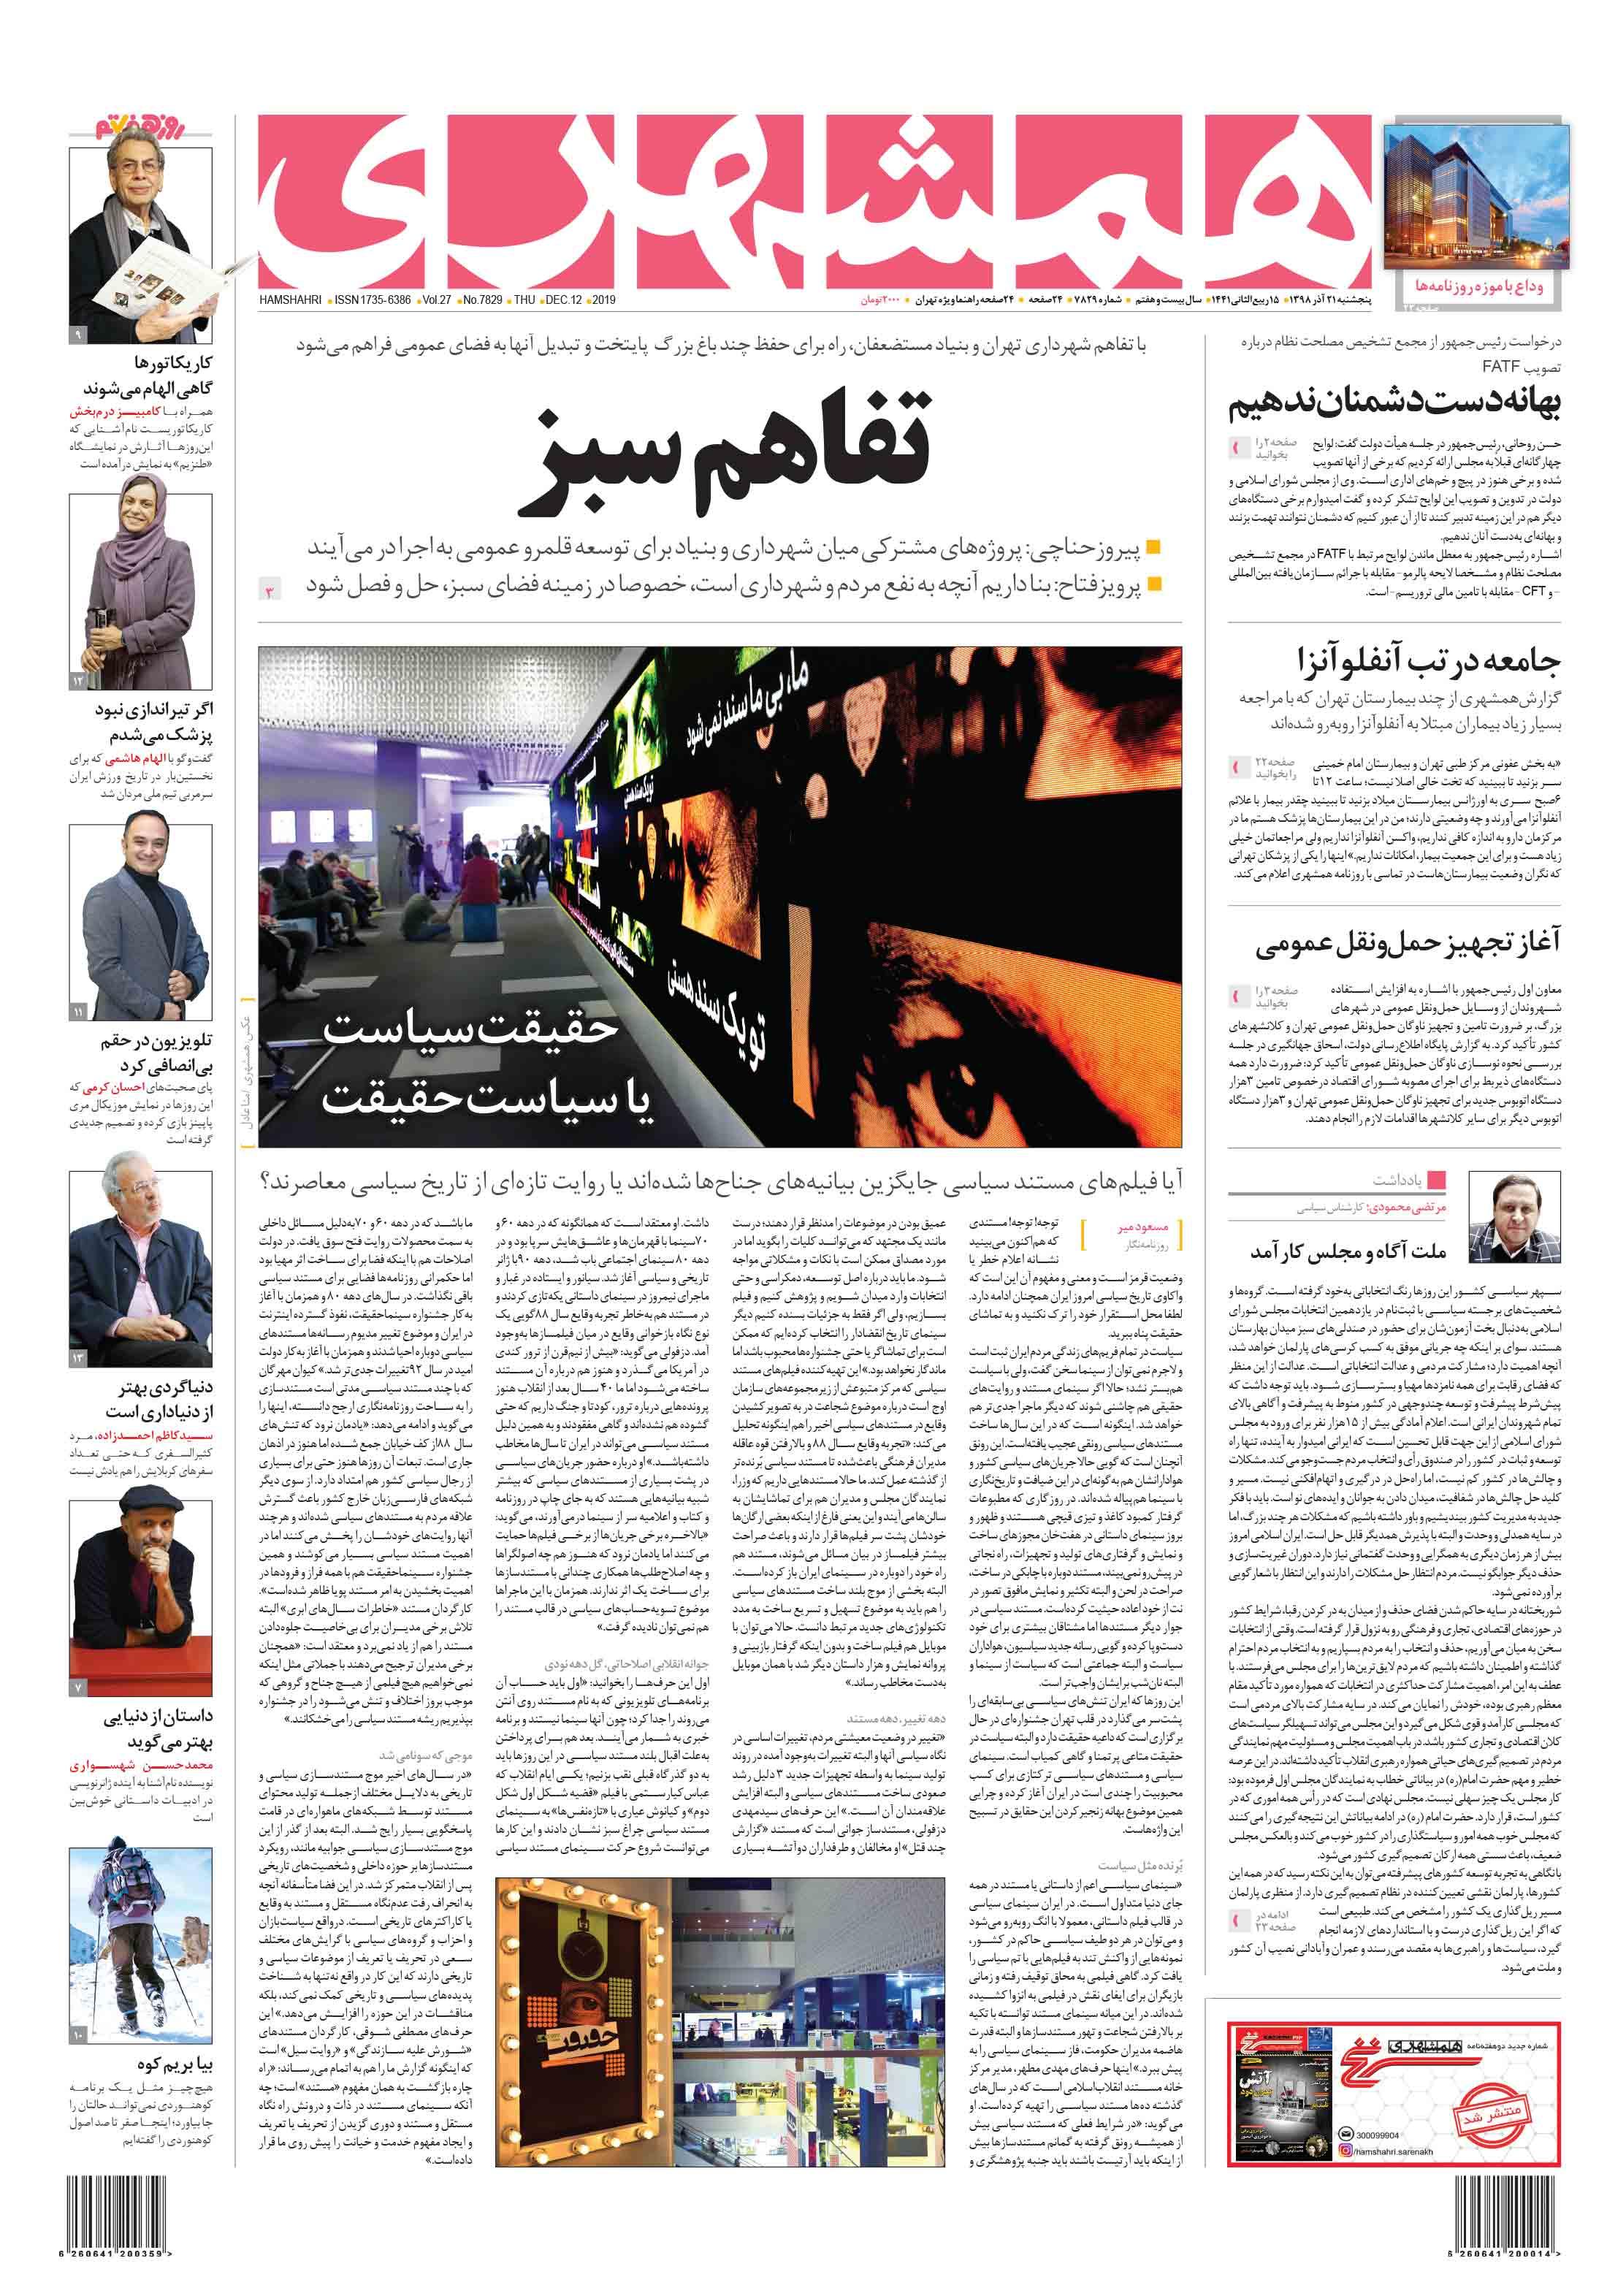 صفحه اول پنجشنبه 21 آذر 1398